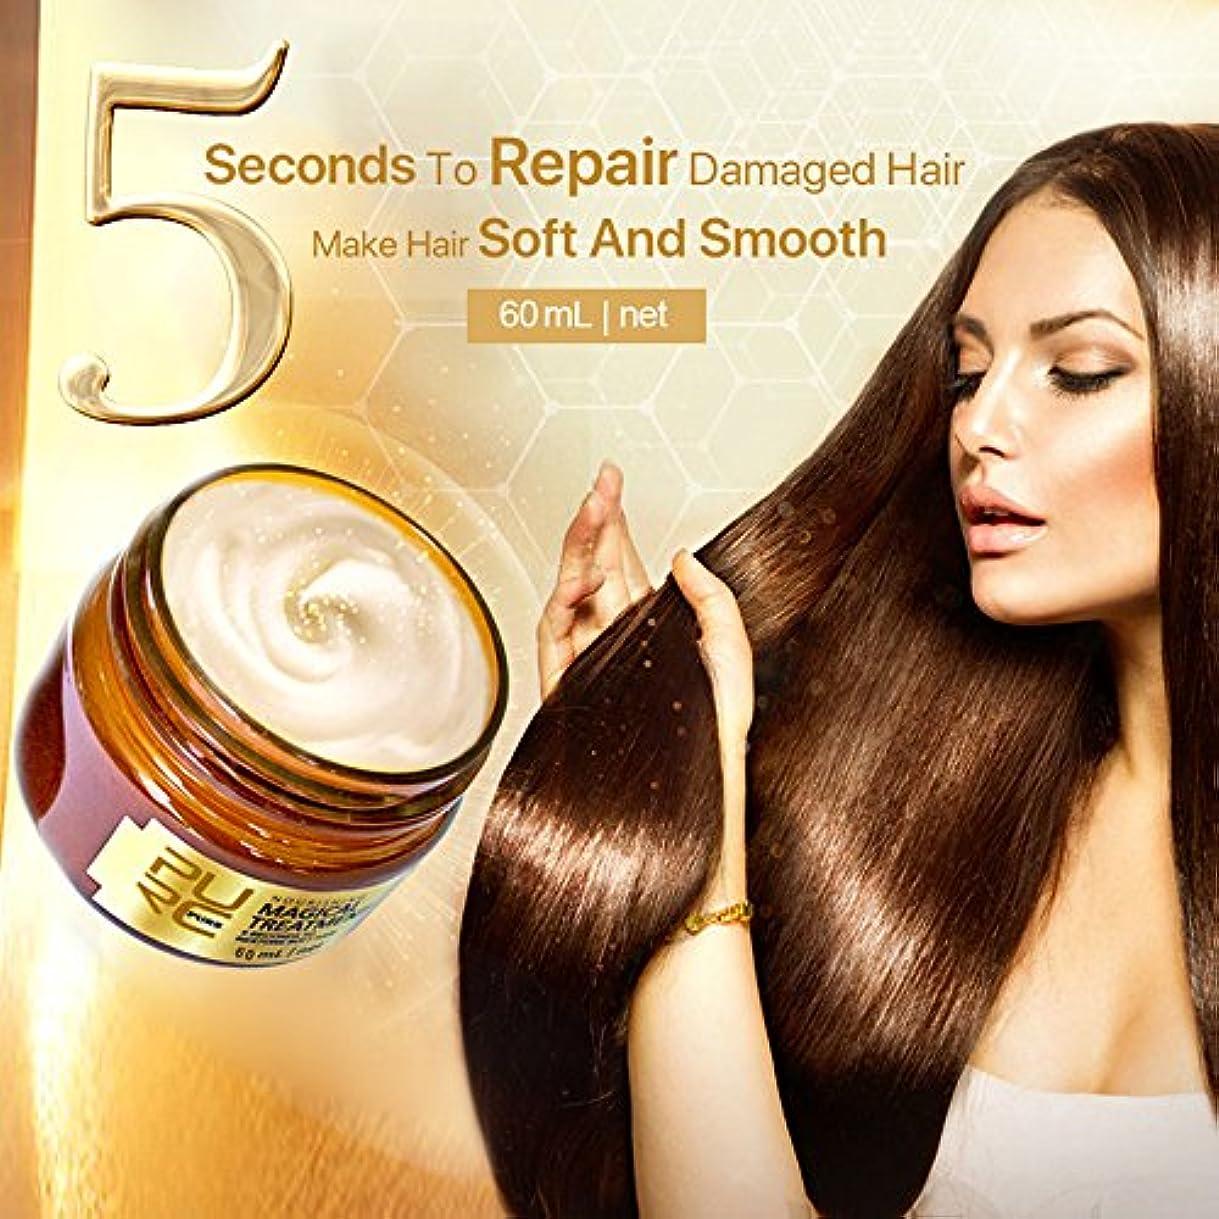 包帯細菌好奇心ディープリペア軟膏ヘアマスク 高度な分子 毛根治療の回復 魔法のヘアマスクは コンディショナー ヘアケアコンディショ すべての髪のタイプのケラチンヘアの柔らかい髪を復元します (60ML)